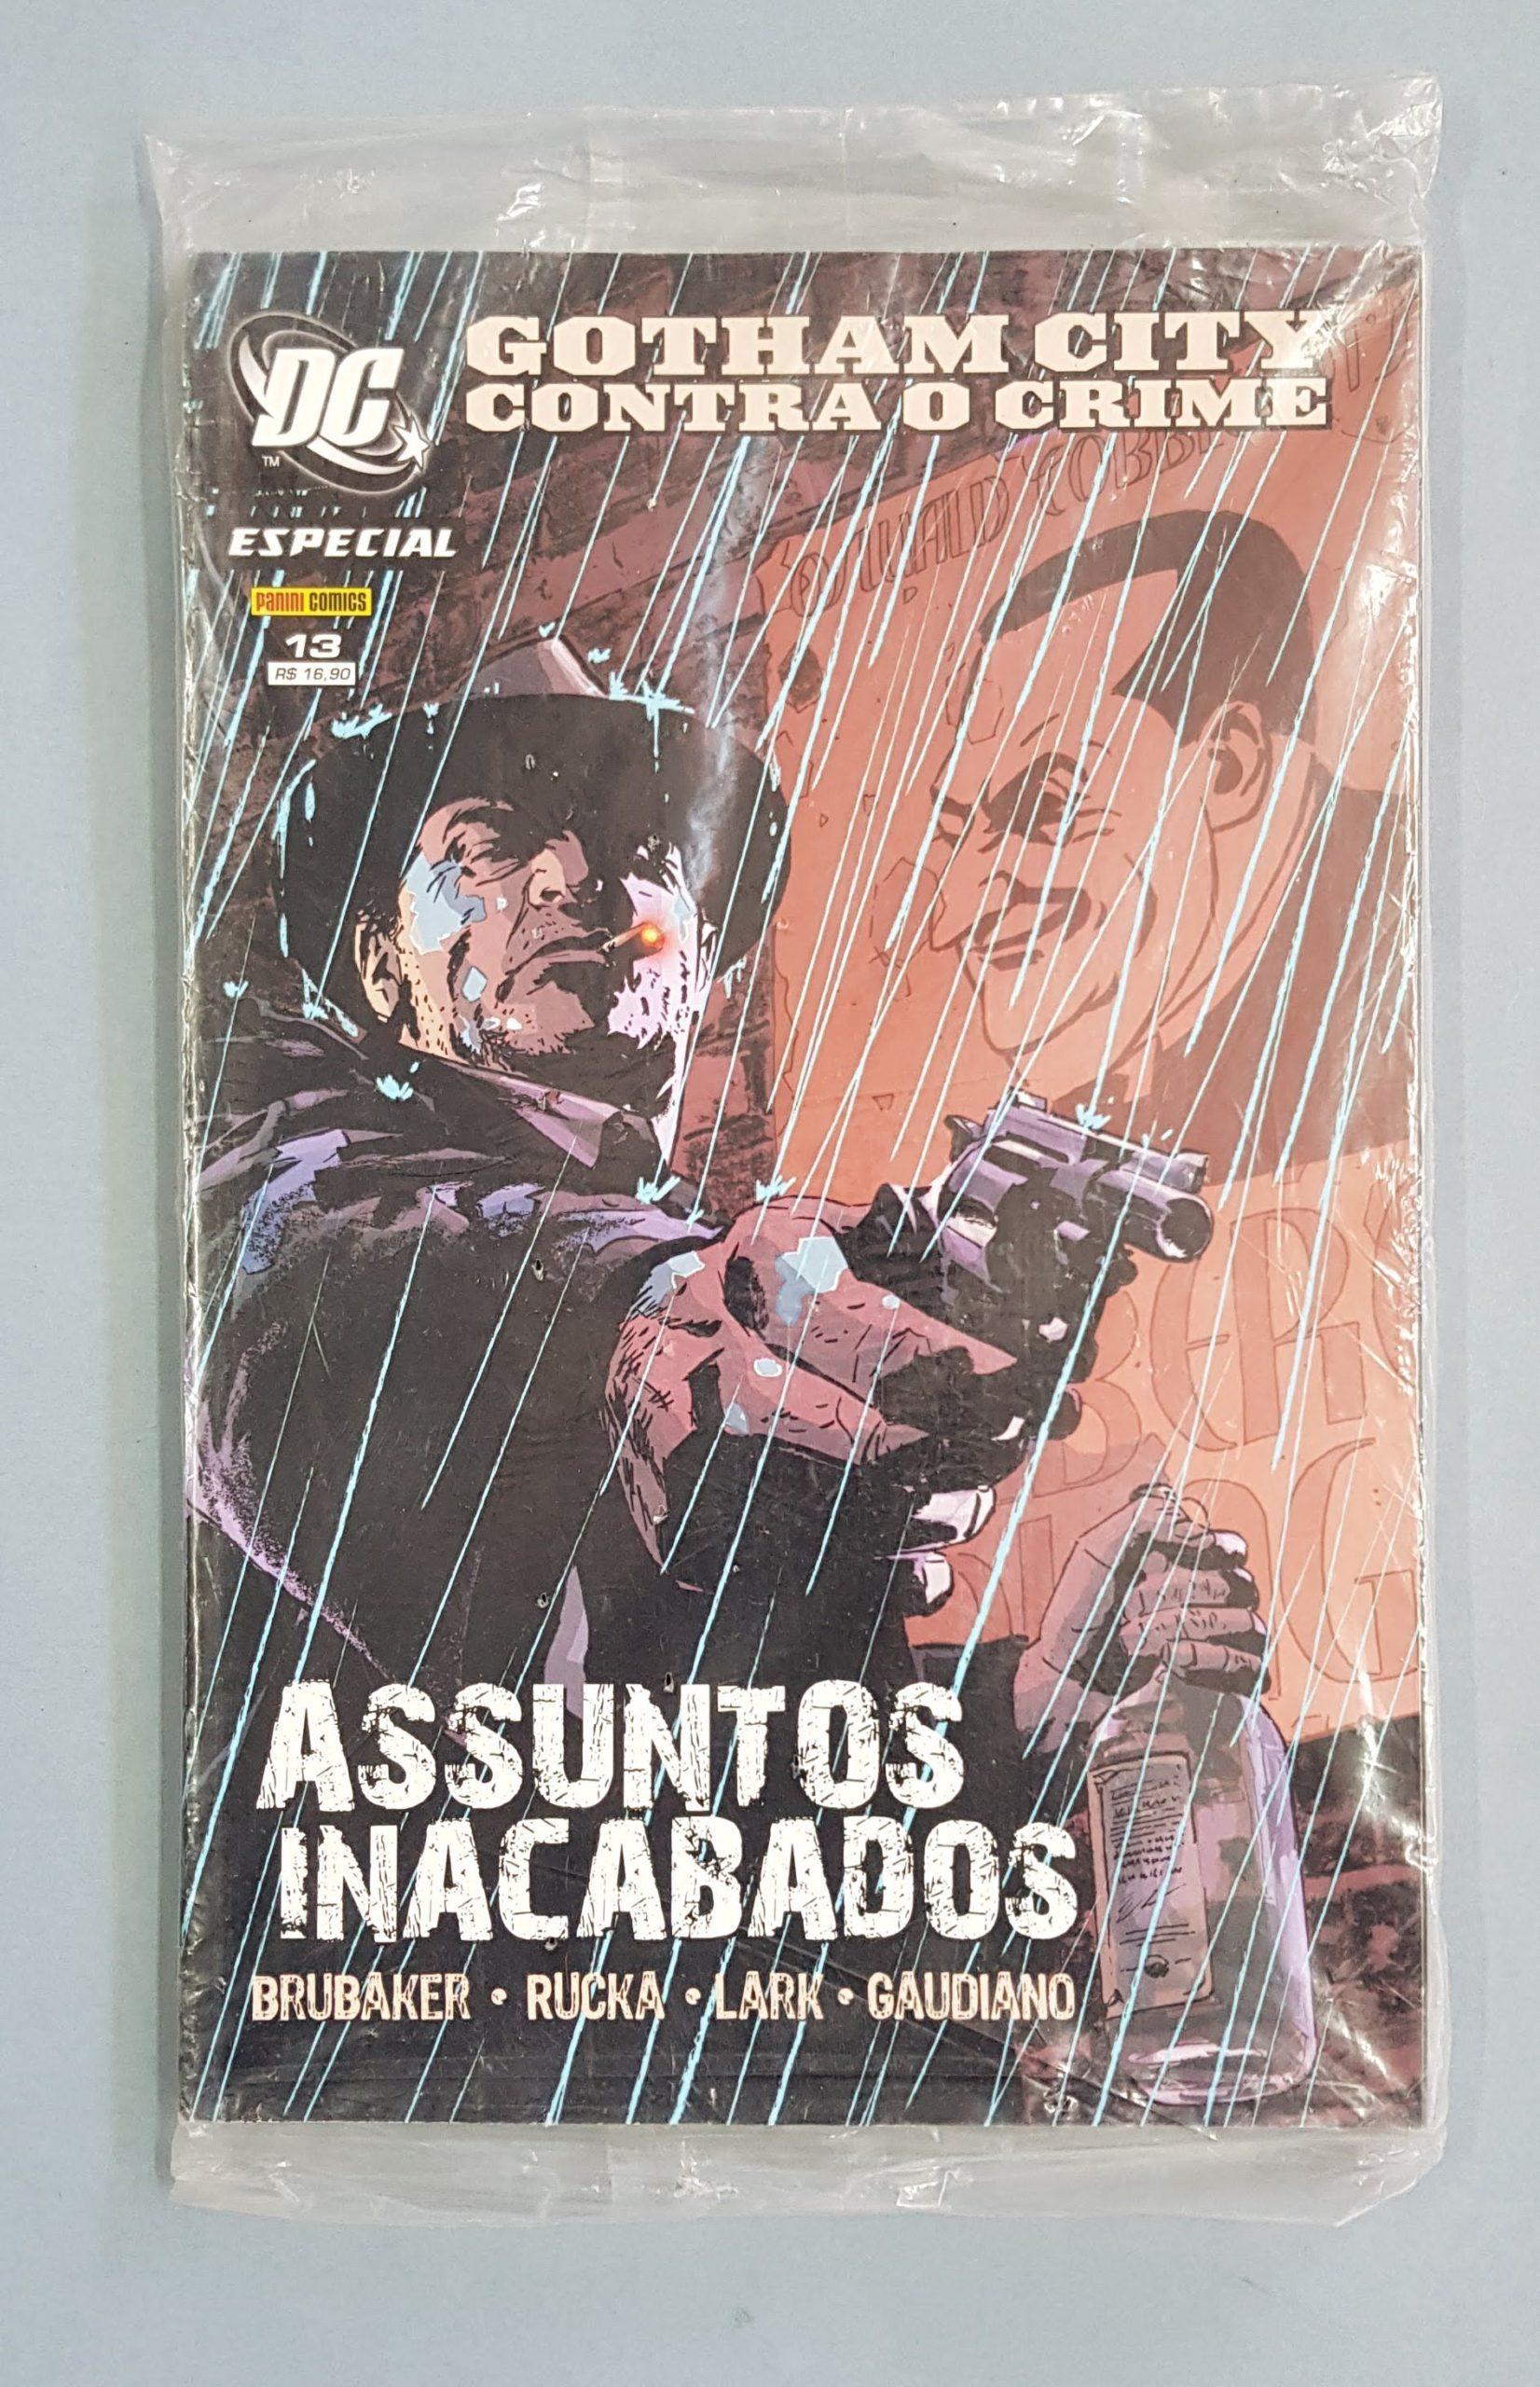 DC ESPECIAL – GOTHAM CITY CONTRA O CRIME – ASSUNTOS INACABADOS